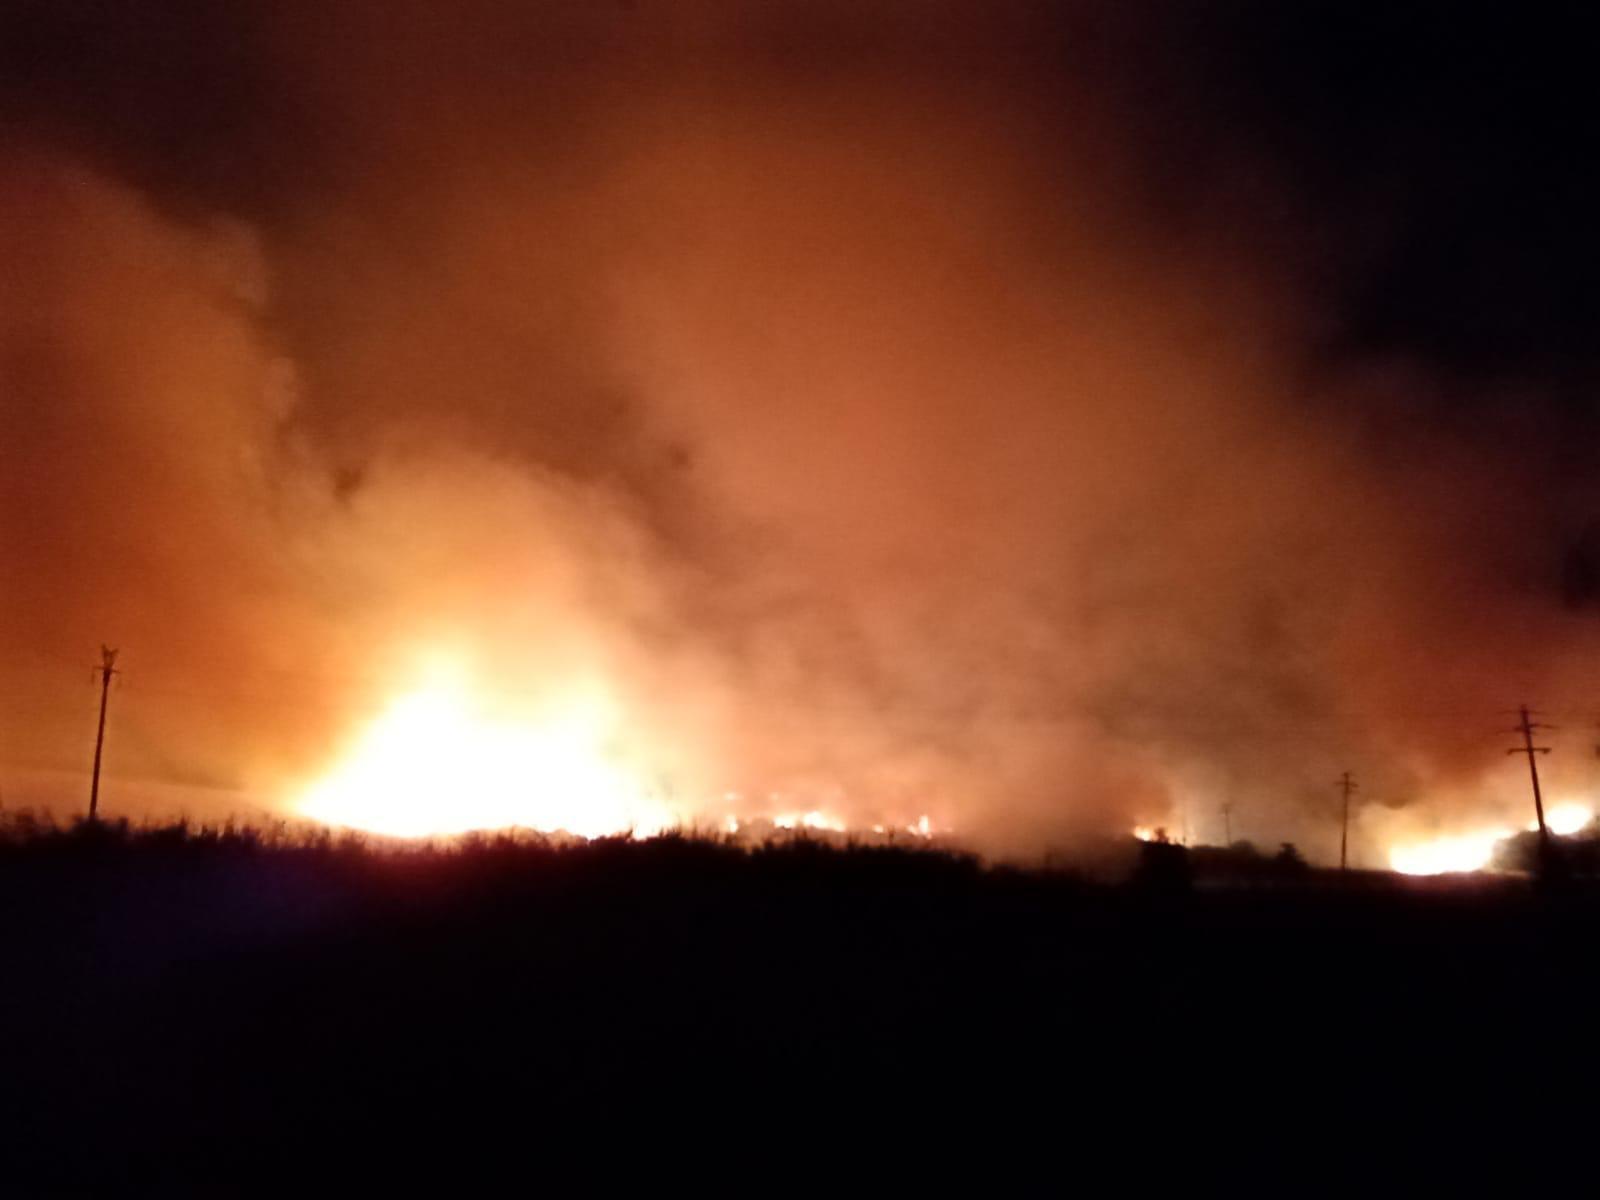 Incendio a Sant'Agostino: in fiamme oltre ottanta ettari